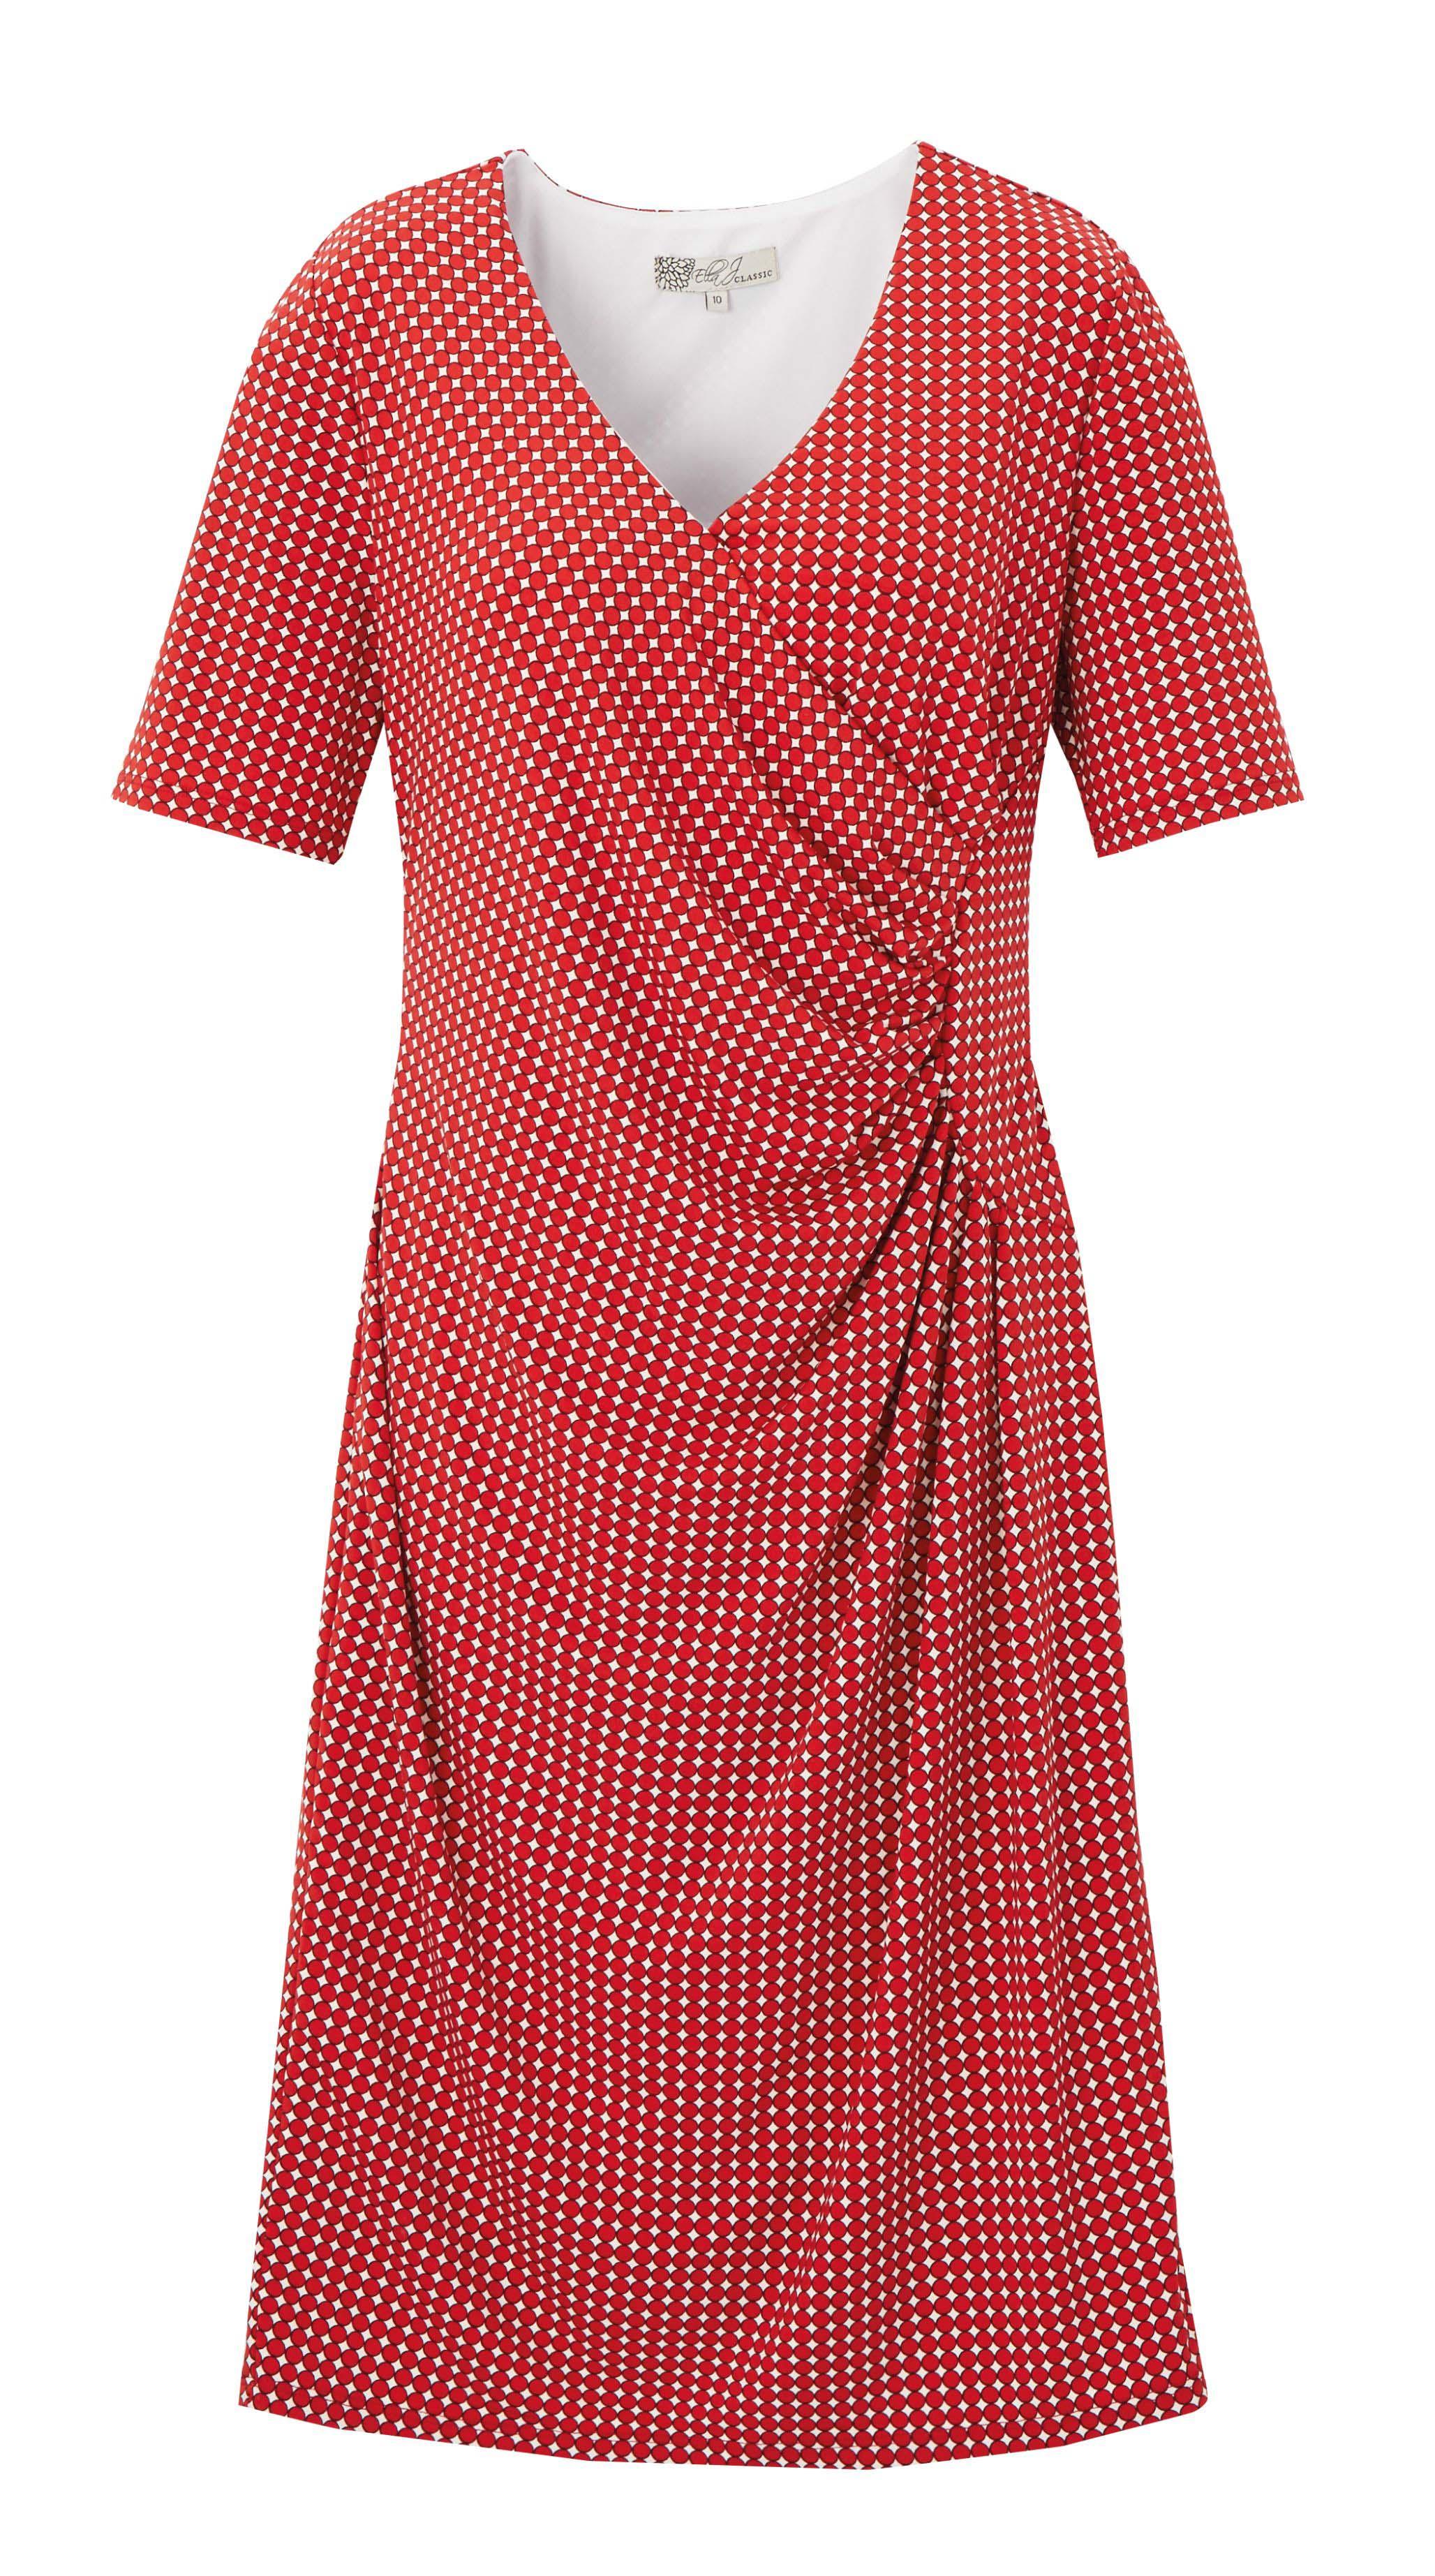 6085289 Ella J Classic Dryknit Polka Dot Print Panelled Dress Rust $89.99 Instore 1 Mar 2016